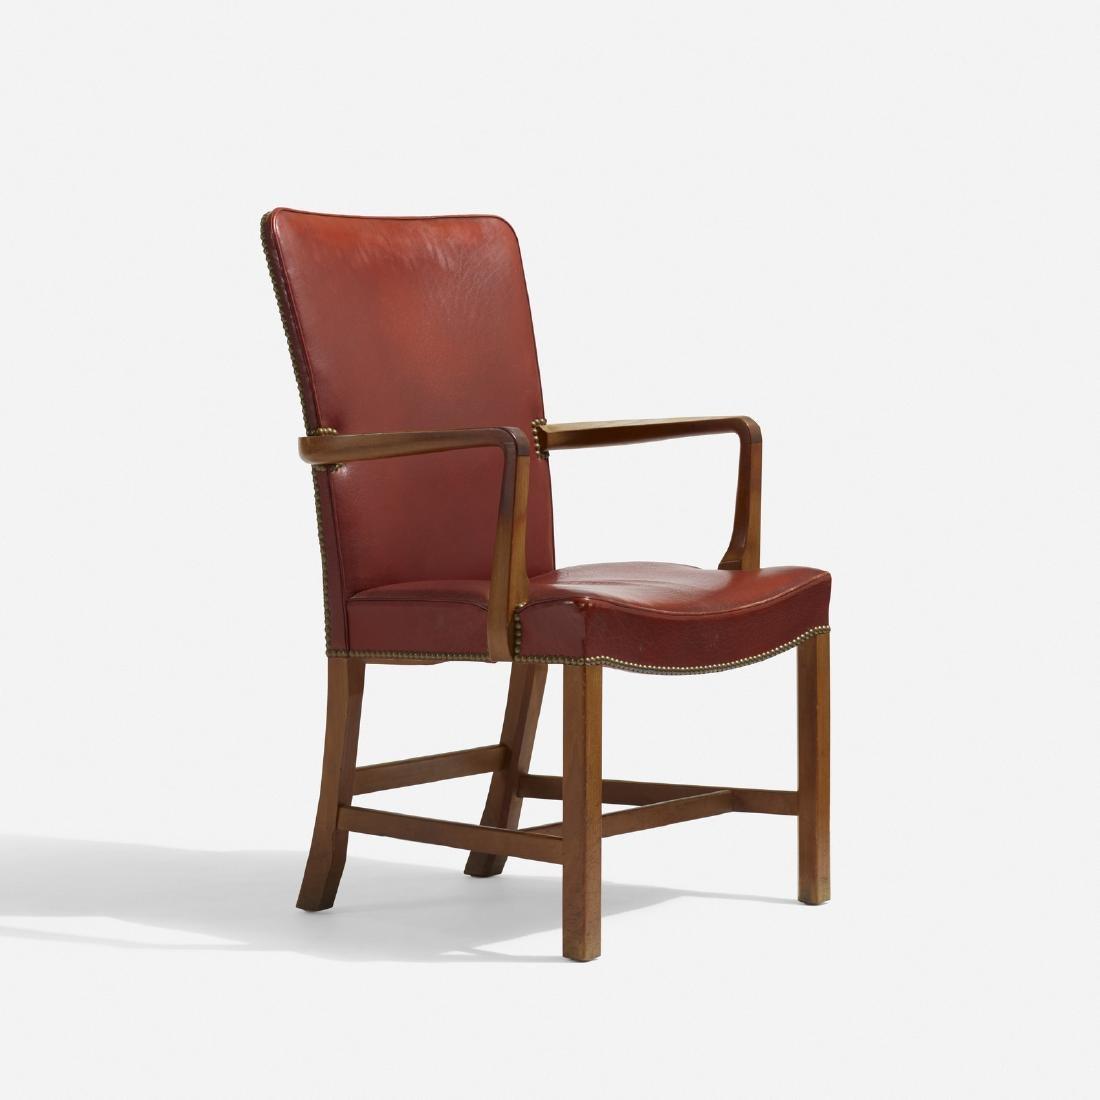 Kaare Klint, Norrevold armchair, model 5999